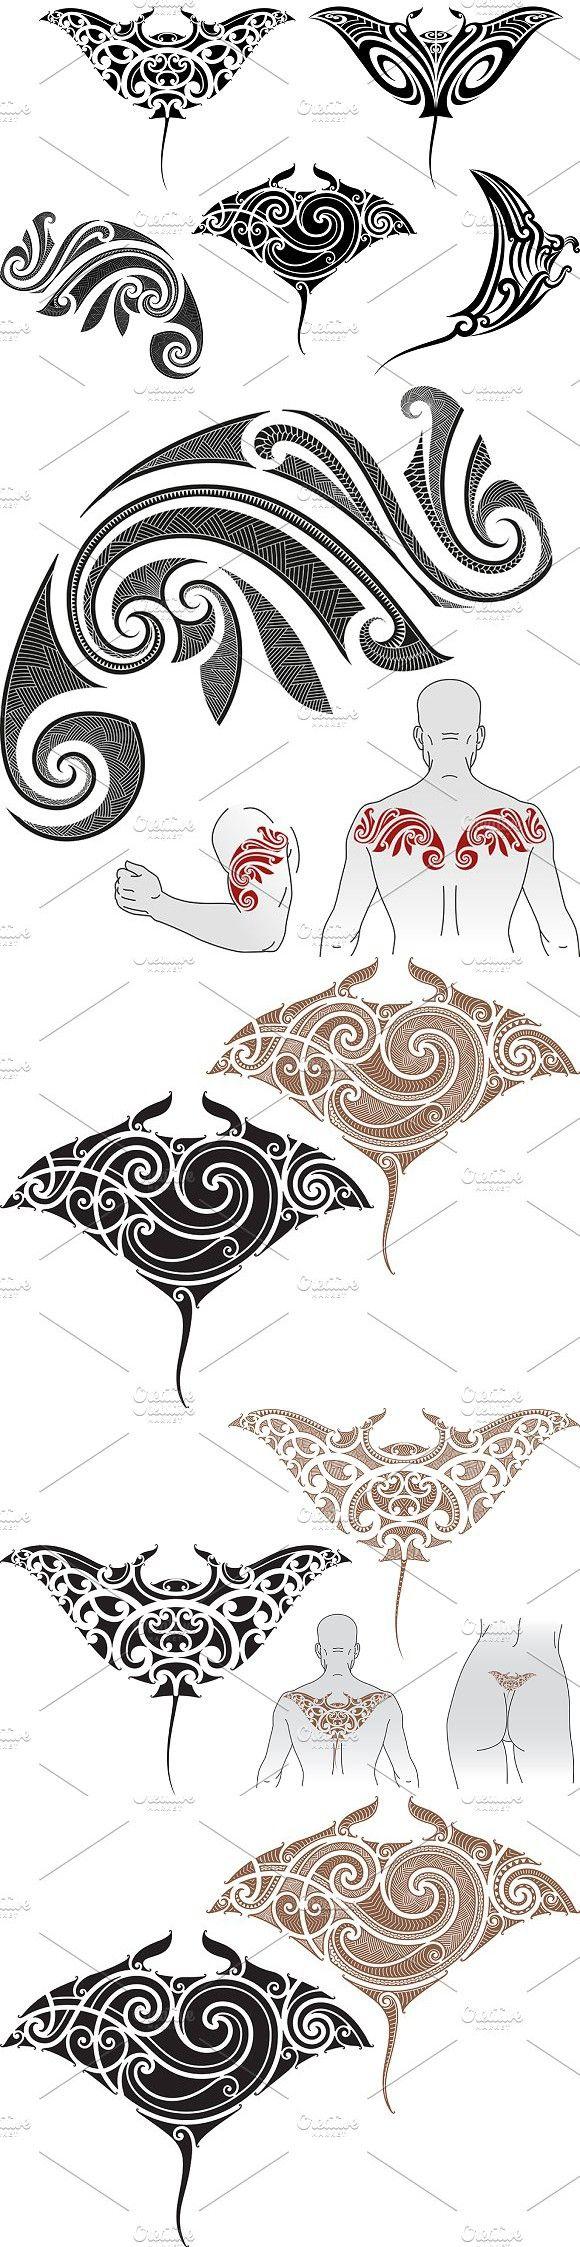 Maori tattoo patterns (5x). Patterns